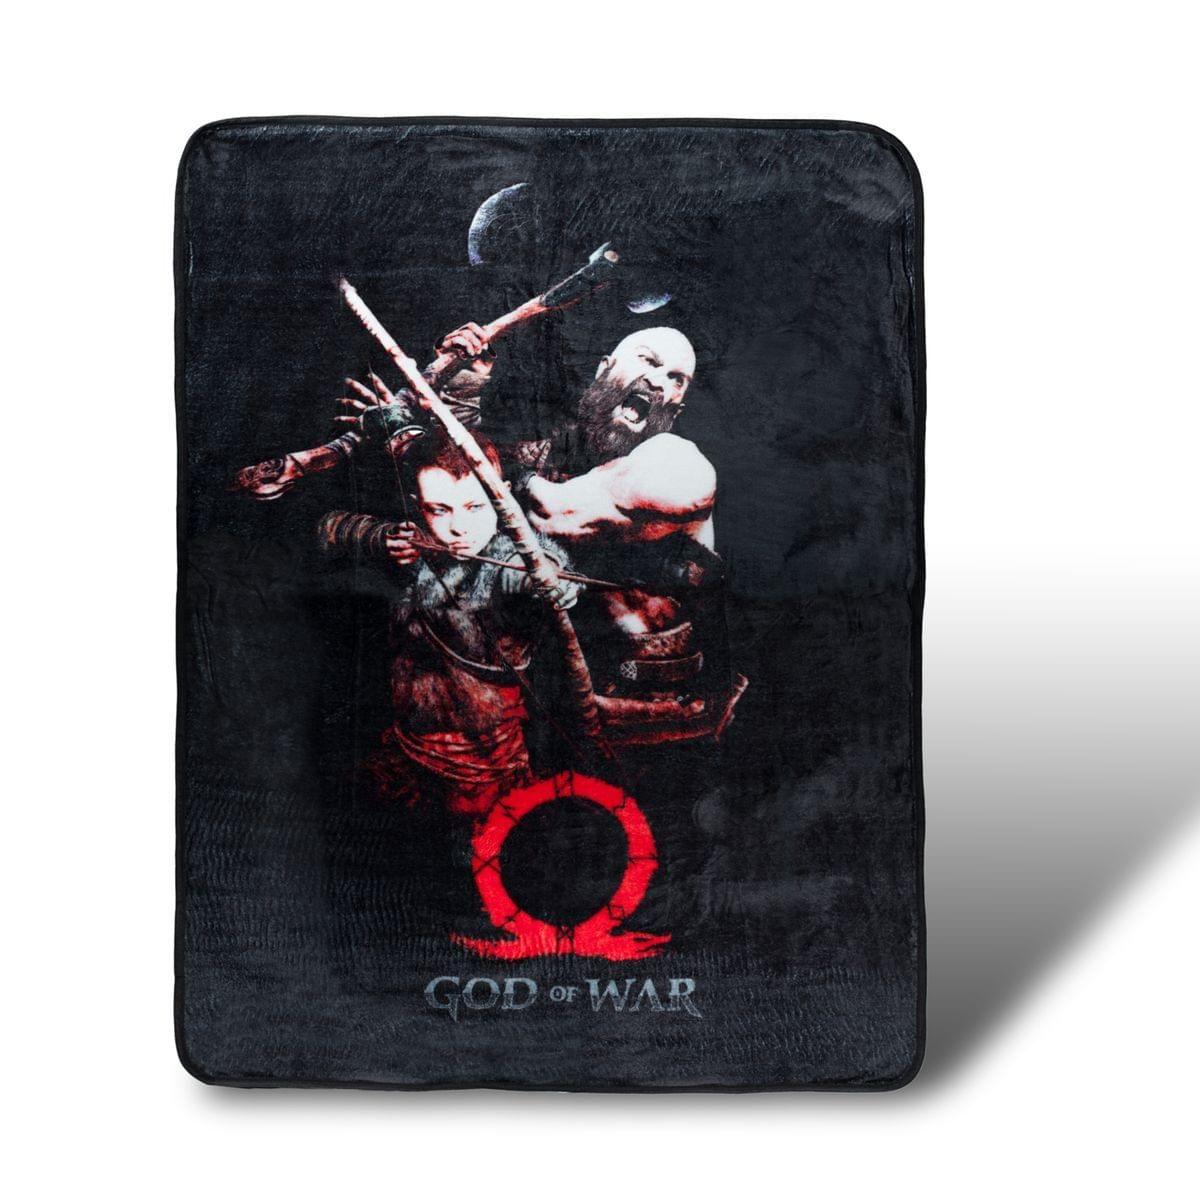 Kratos And Son God Of War Lightweight Fleece Throw Blanket 45 X 60 Inches In 2021 Fleece Throw Blanket Fleece Throw God Of War